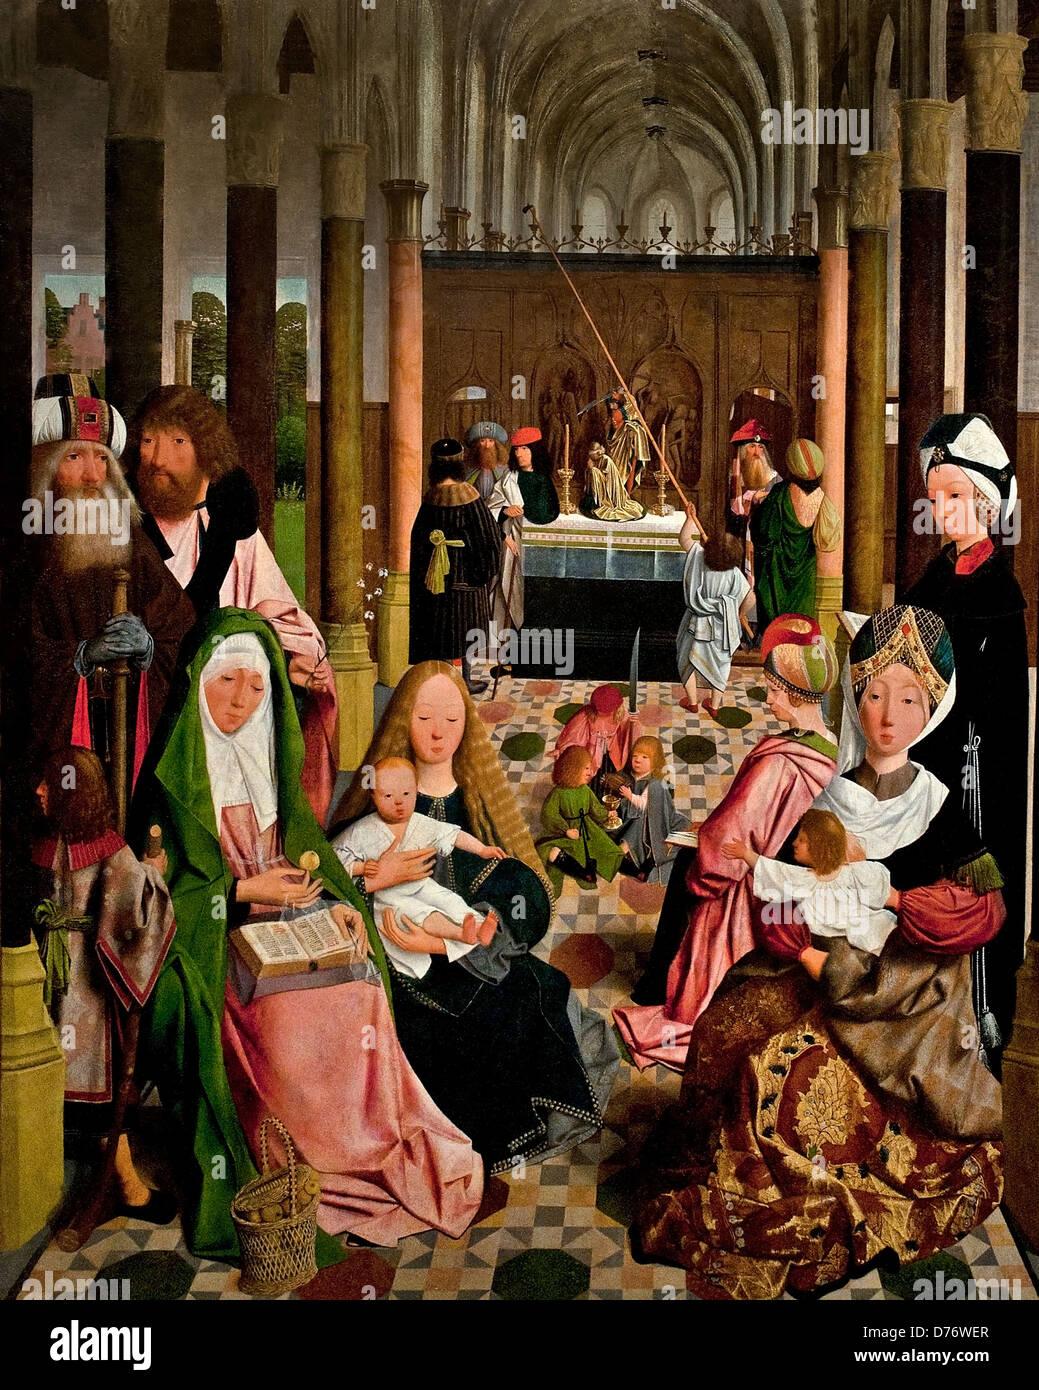 Der Heilige Verwandtschaft 1495-Workshop des niederländischen Malers Geertgen tot Sint Jans 1460 nach 1490 Leiden Stockfoto